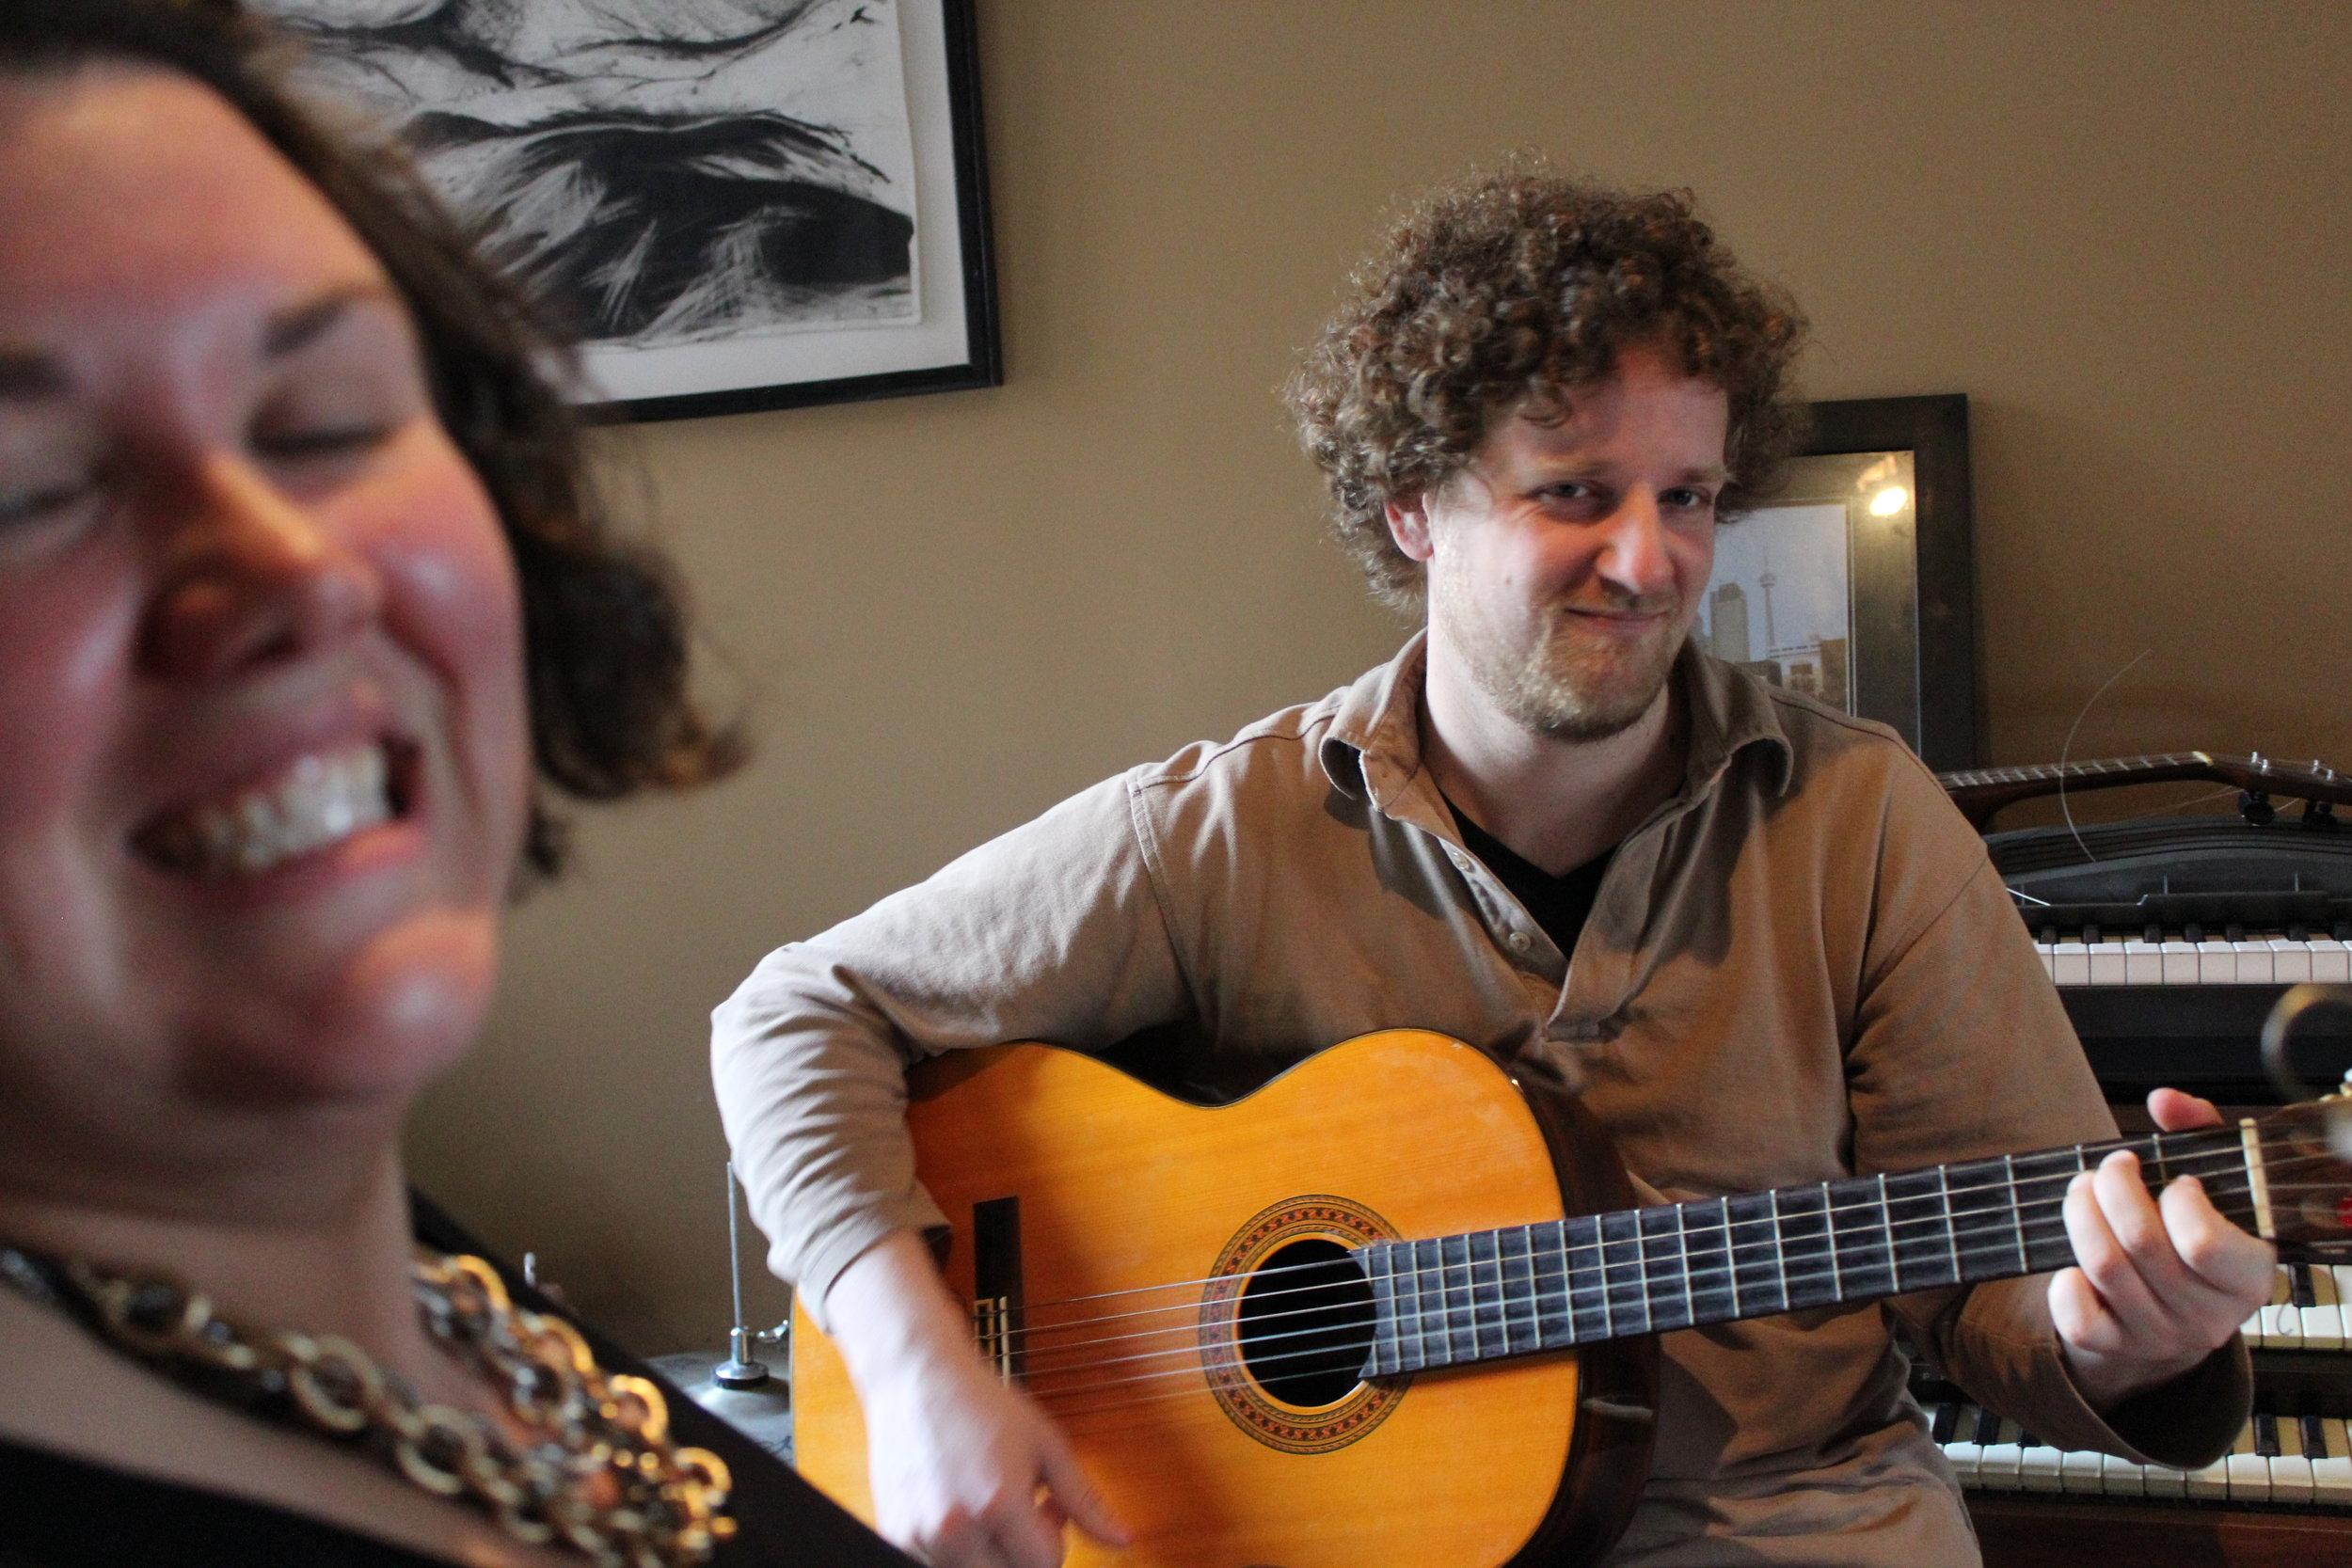 Caitlin Holland & Chris Adriaanse, rehearsal Alluvial Plain